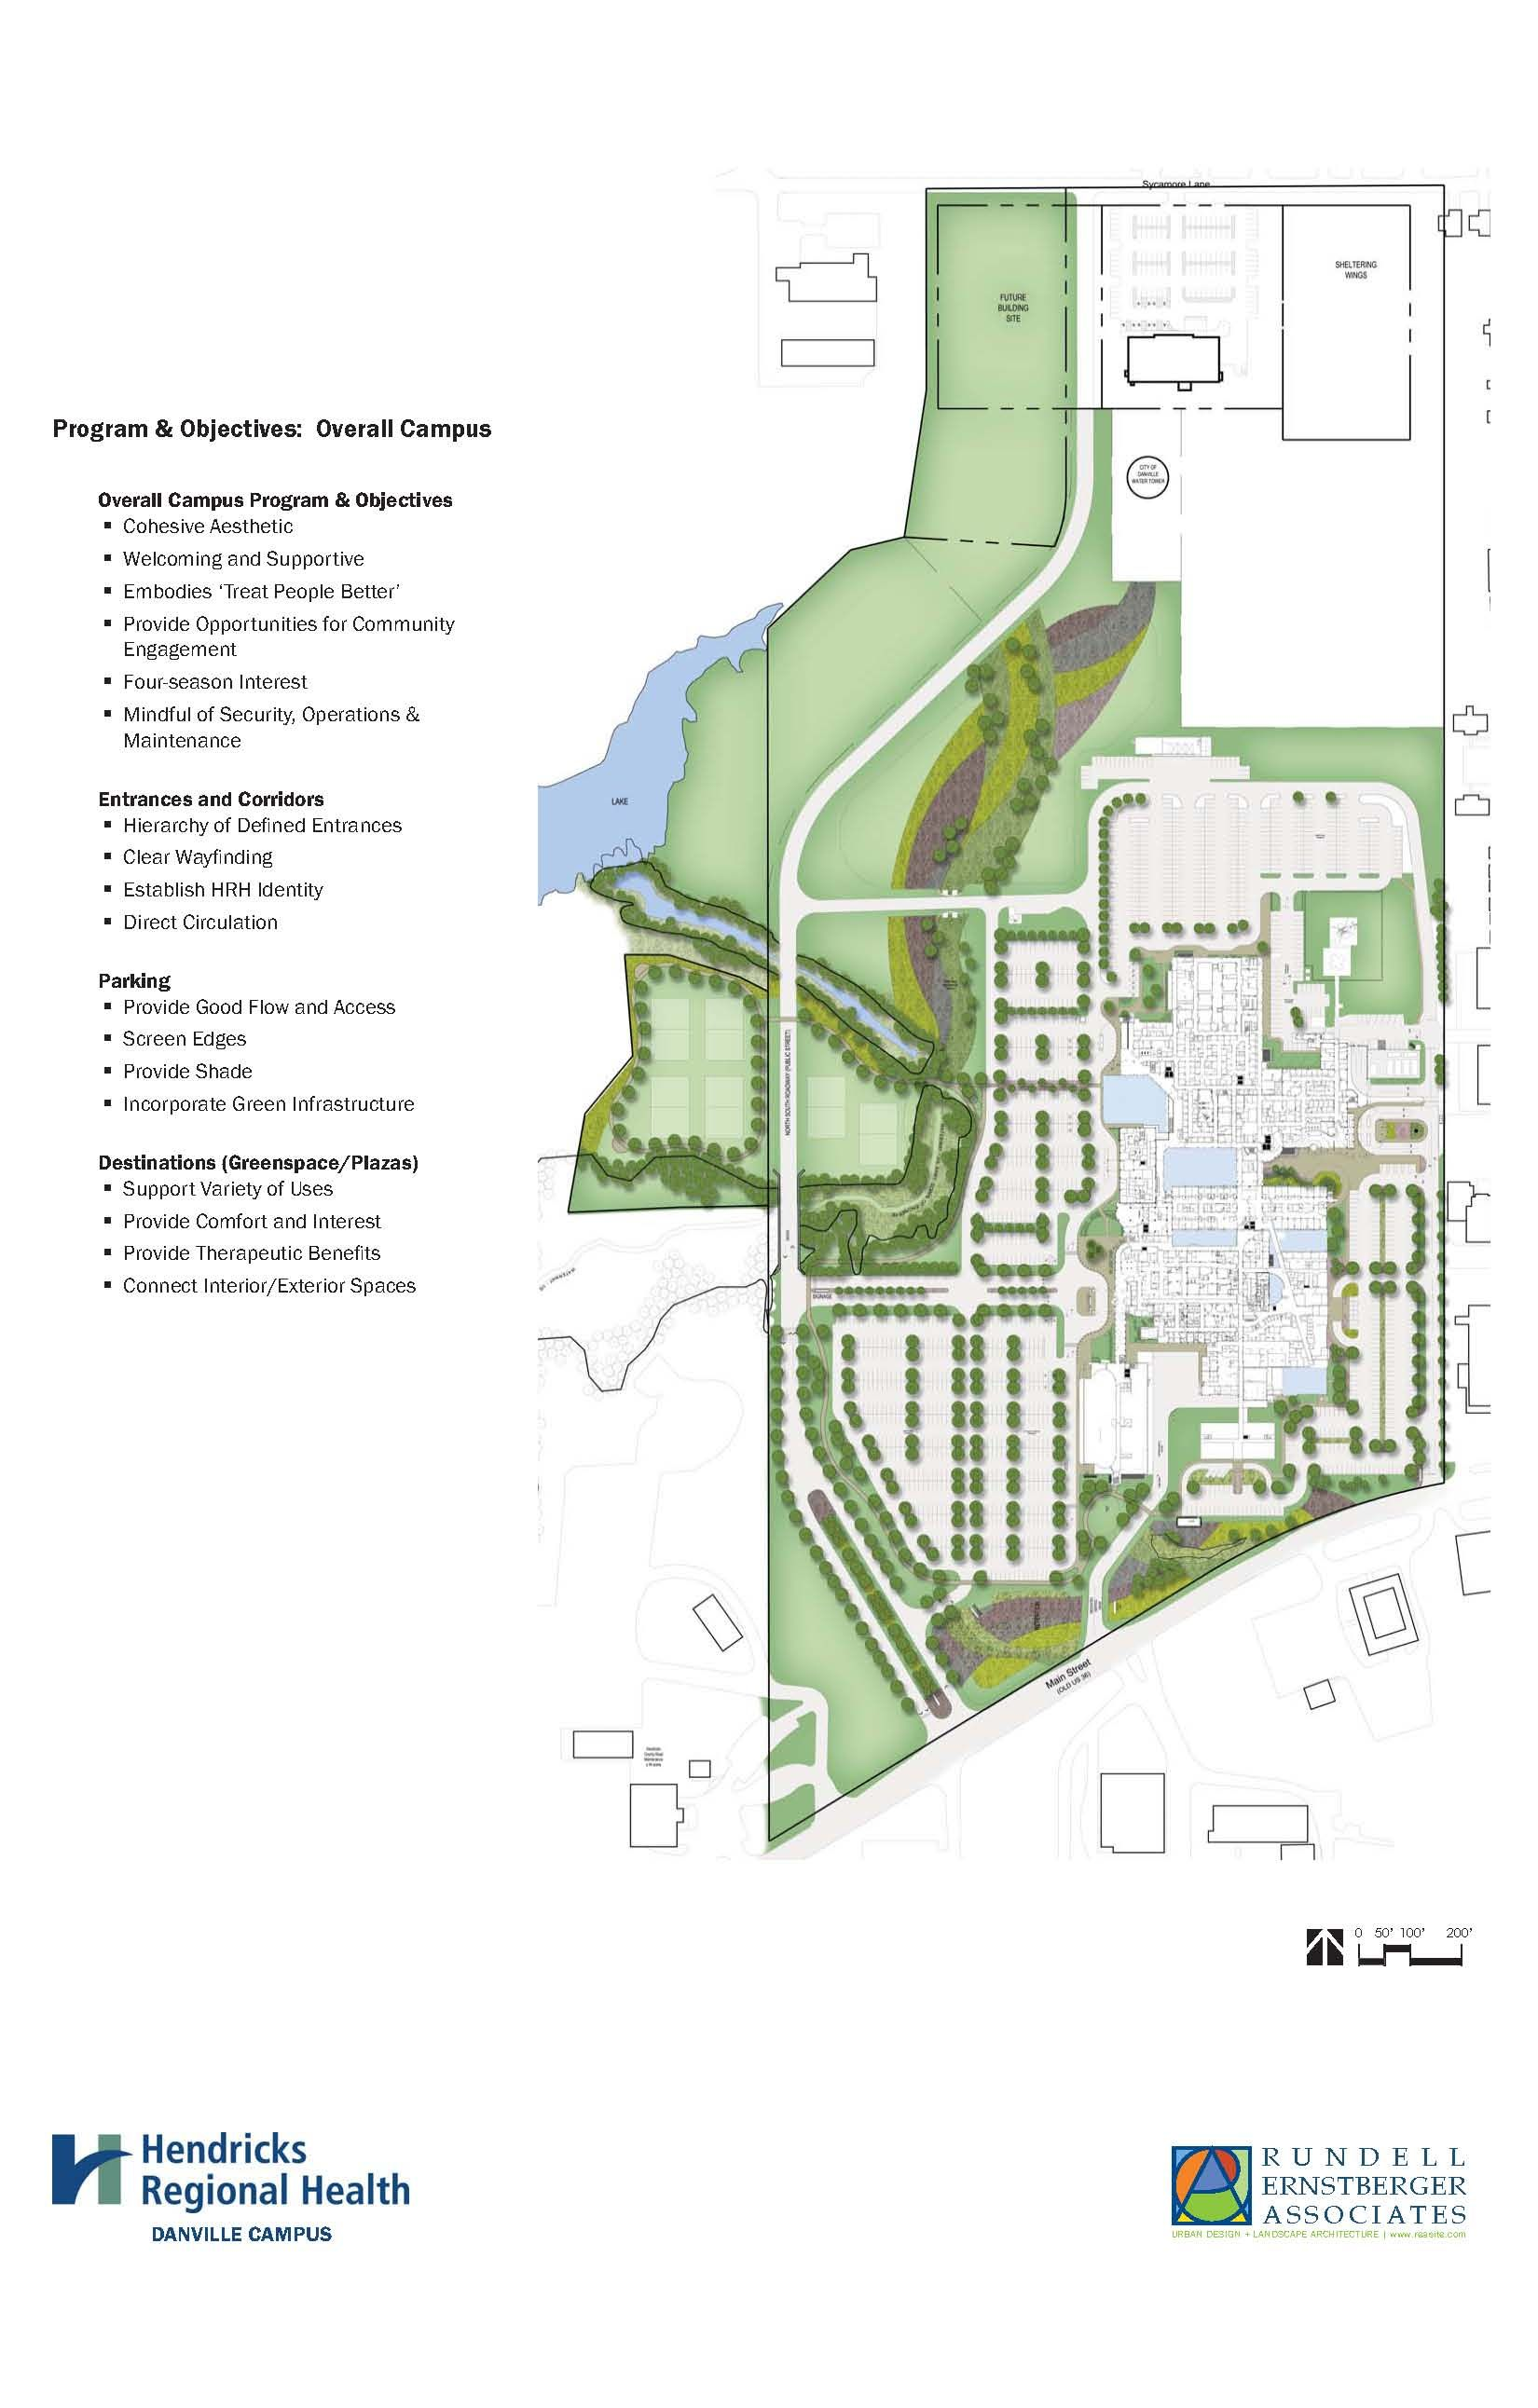 Hendricks Regional Health Campus Master Plan Danville